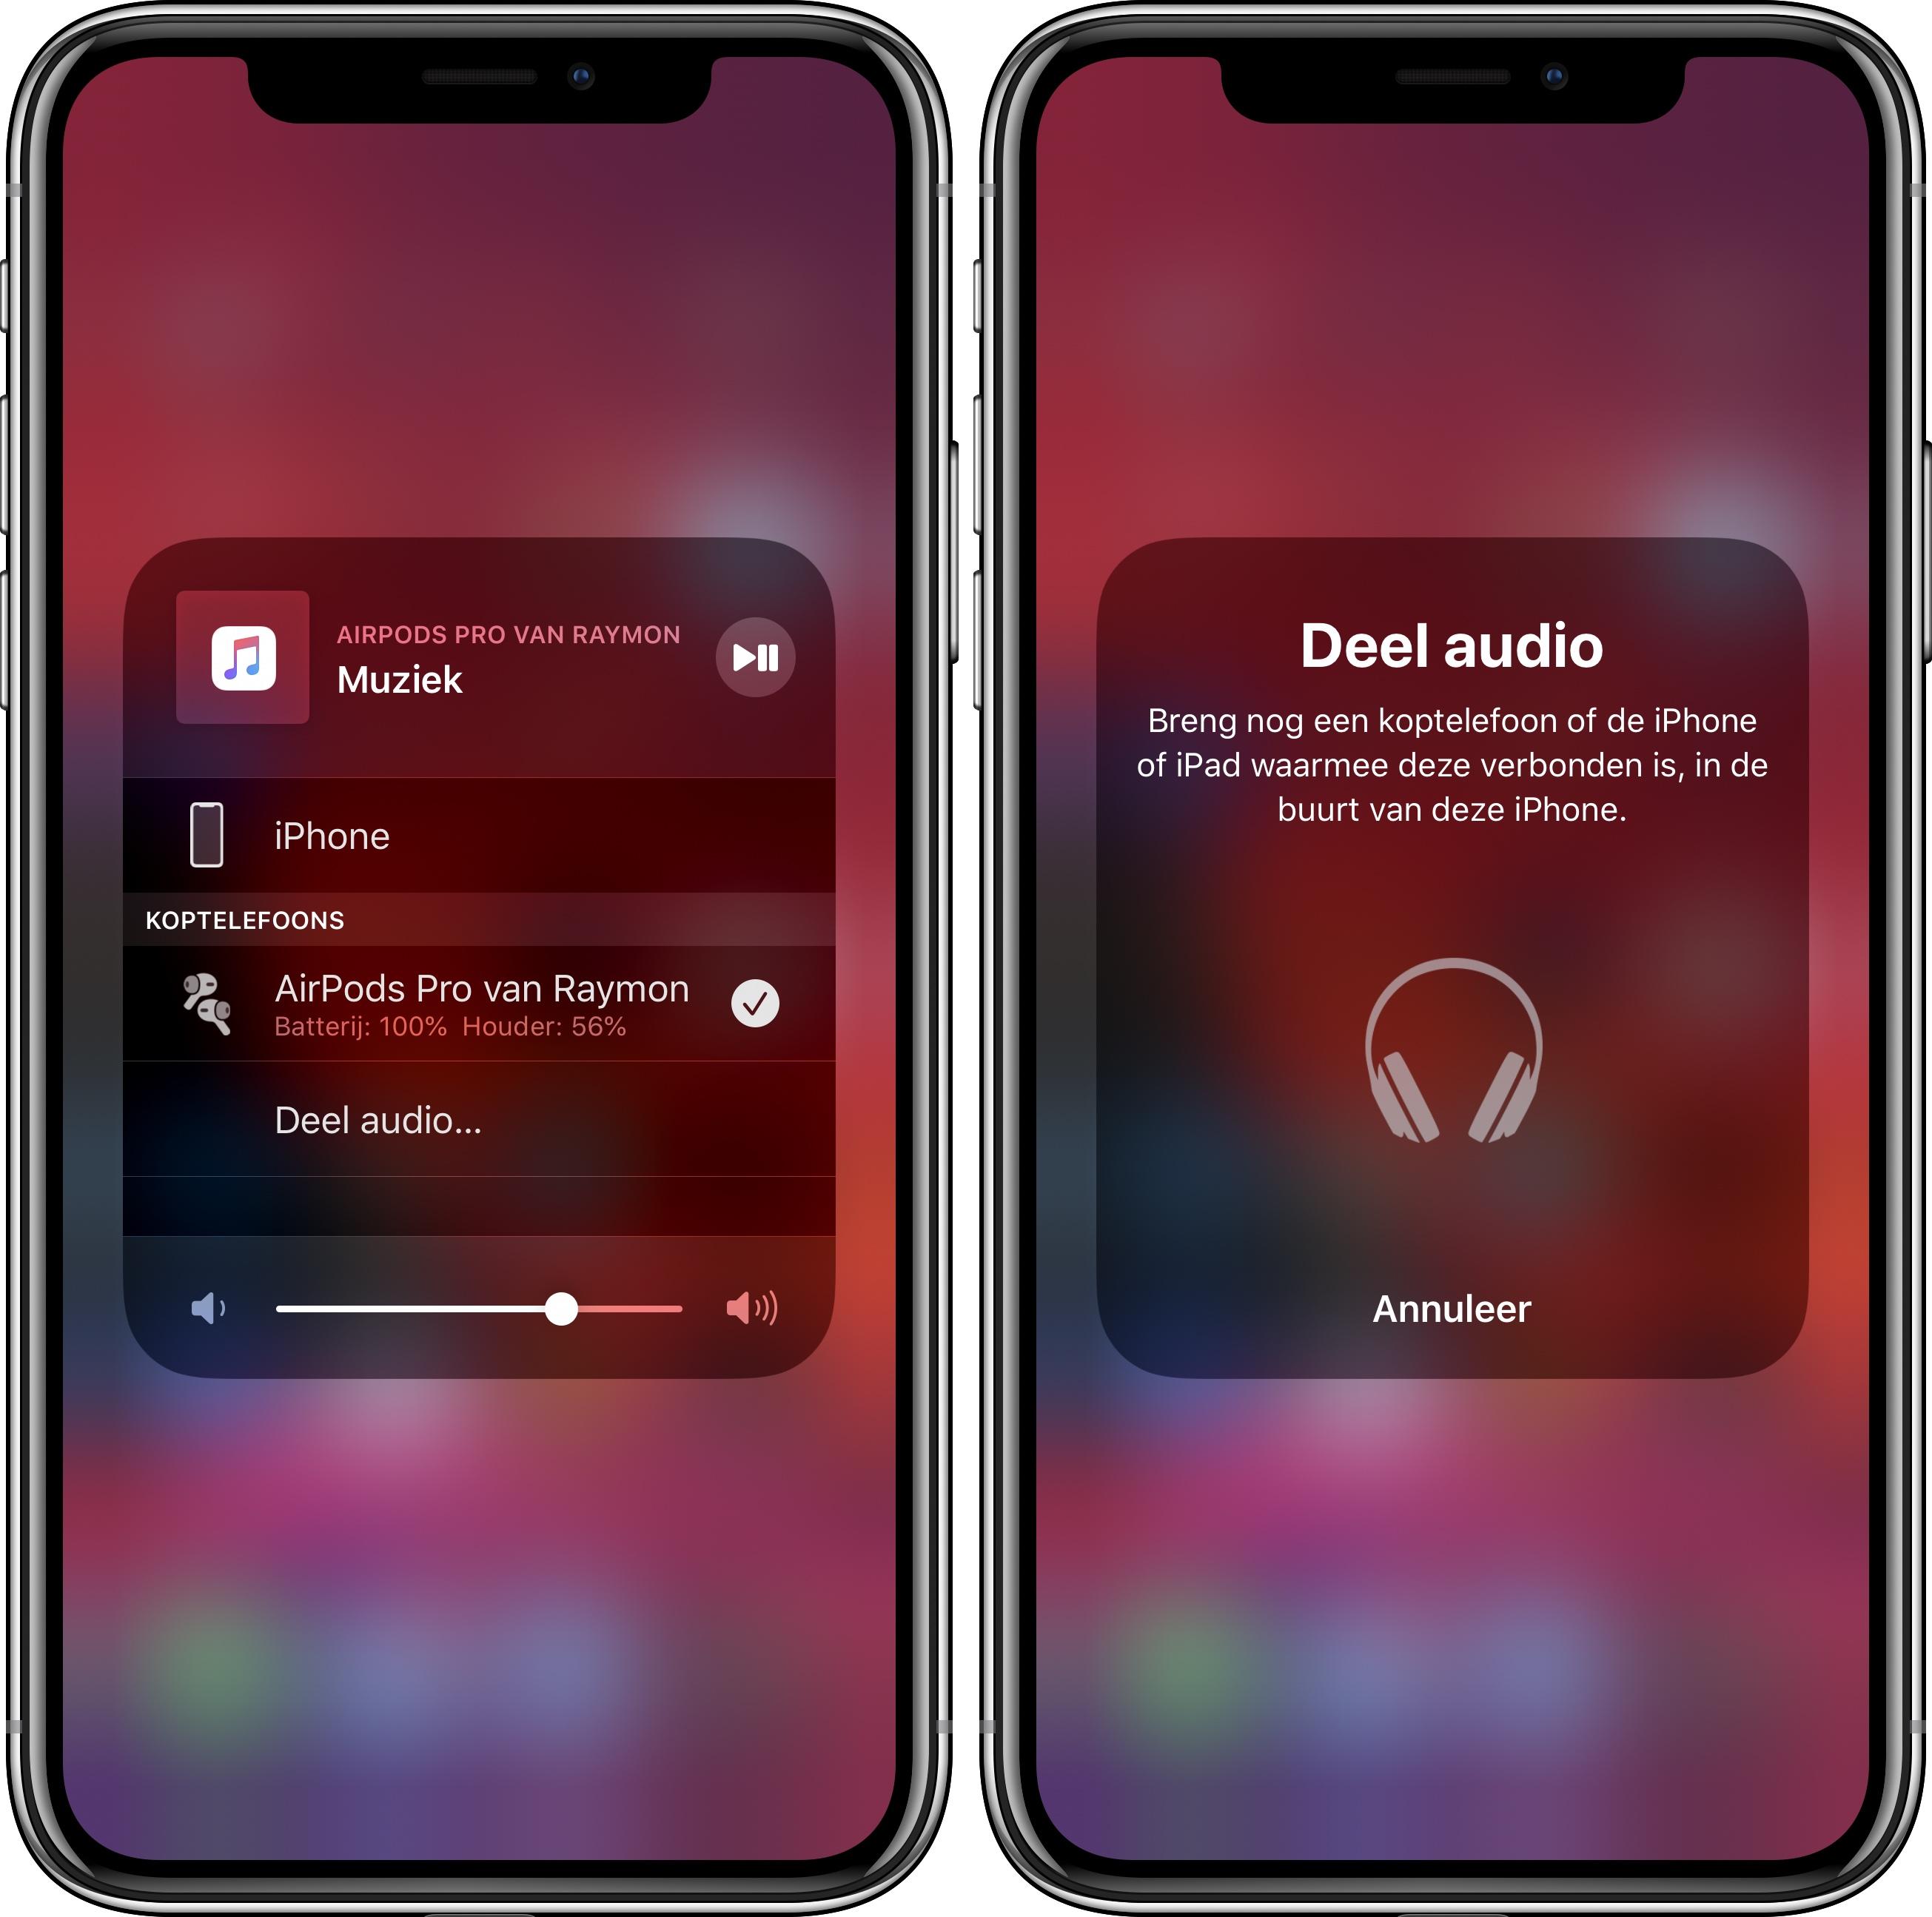 Deel audio iOS 13 001